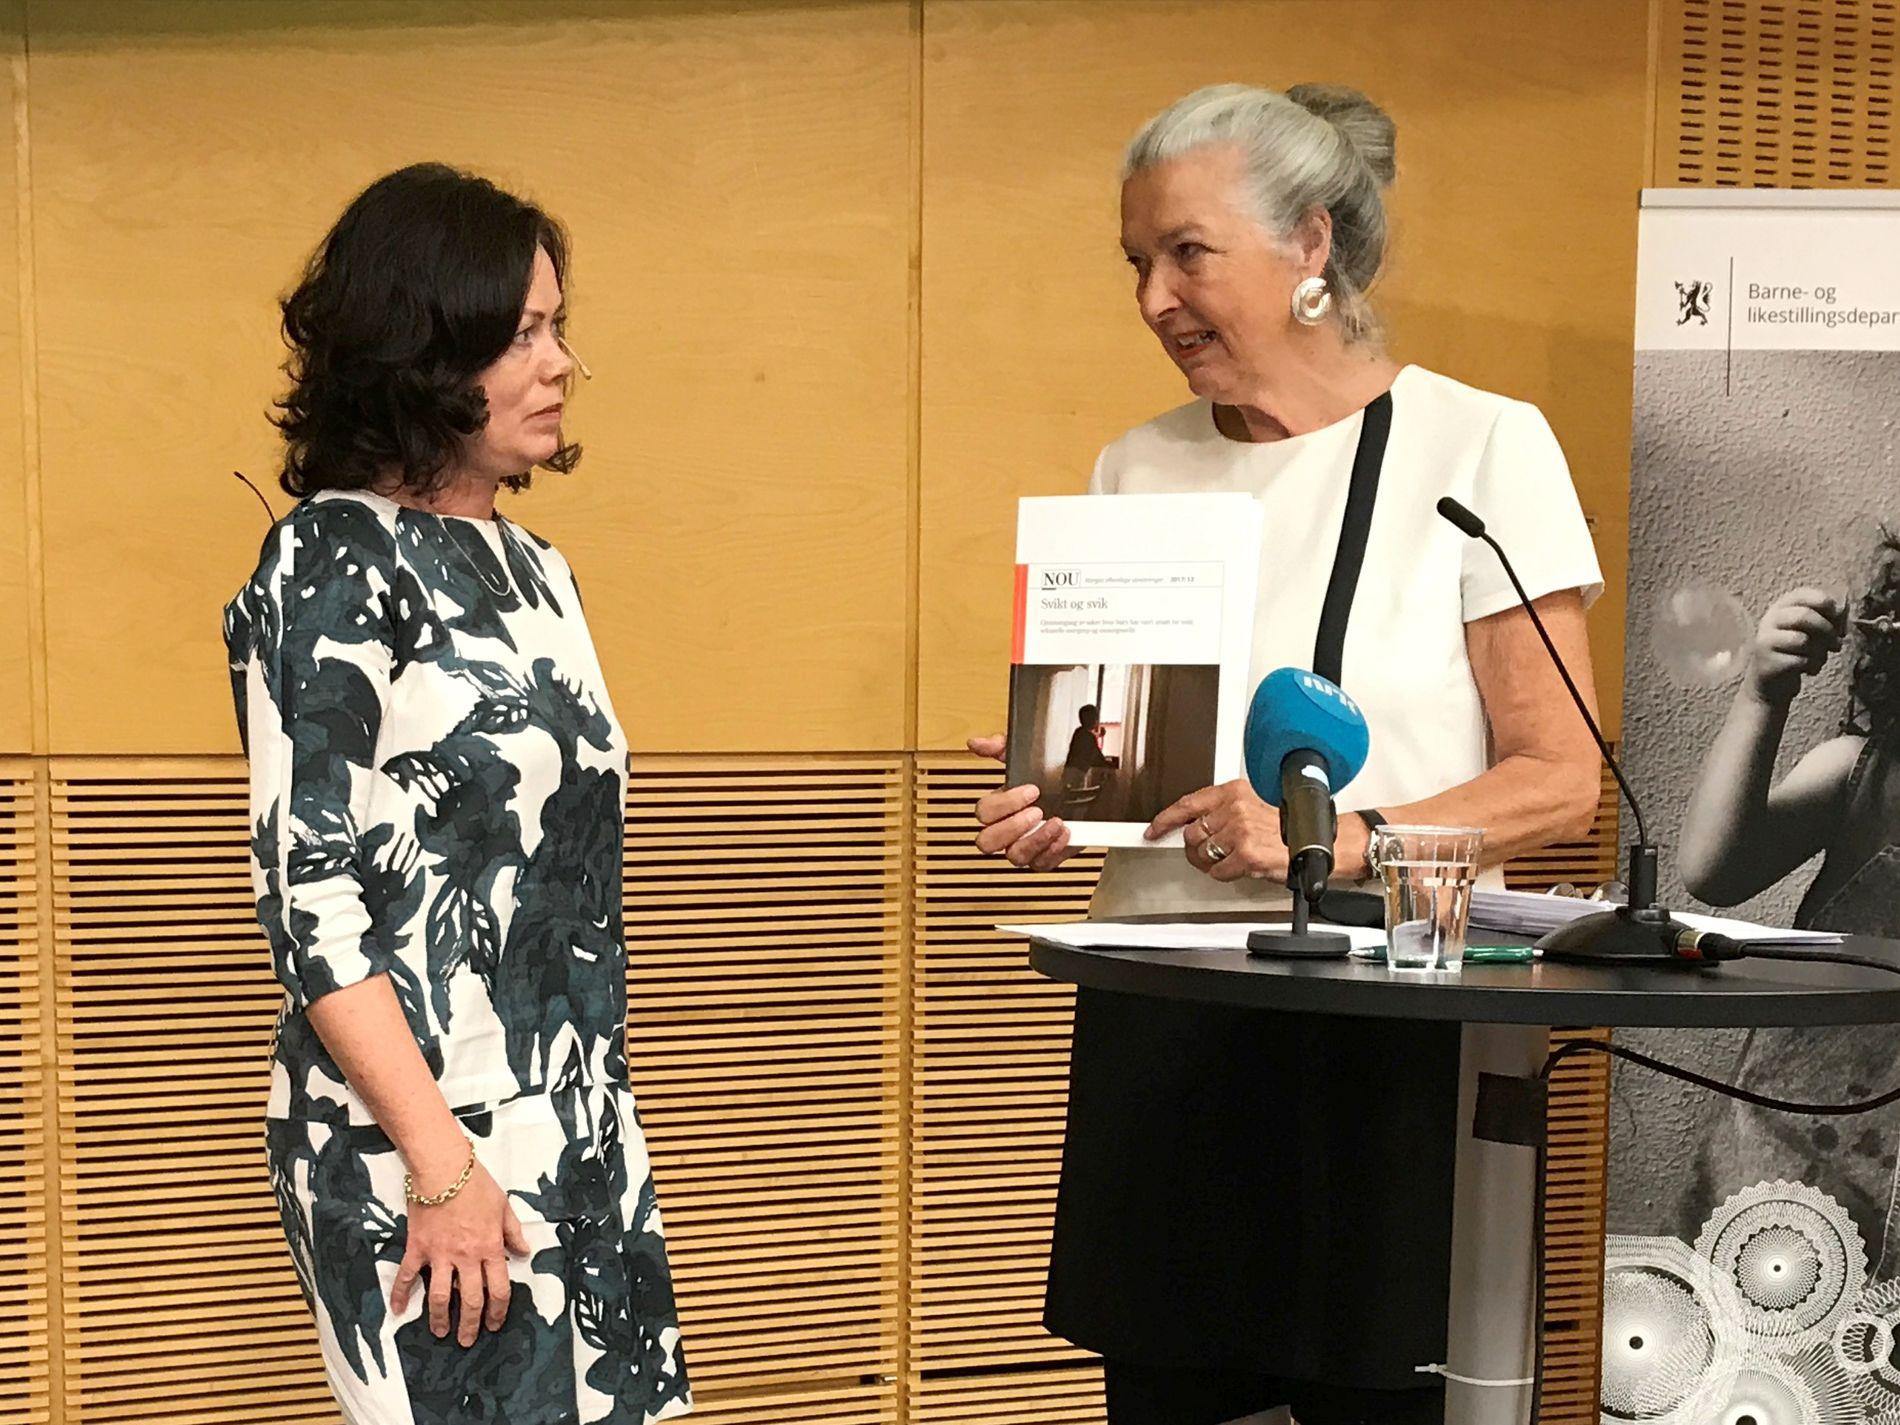 RAPPORT: Barne- og likestillingsminister Solveig Horne (FrP) fikk torsdag 22. juni overlevert NOU-rapporten «Svikt og svik» av barnevoldsutvalget. De har gjennomgått alvorlige saker der barn og ungdom har blitt utsatt for vold, seksuelle overgrep og omsorgssvikt.